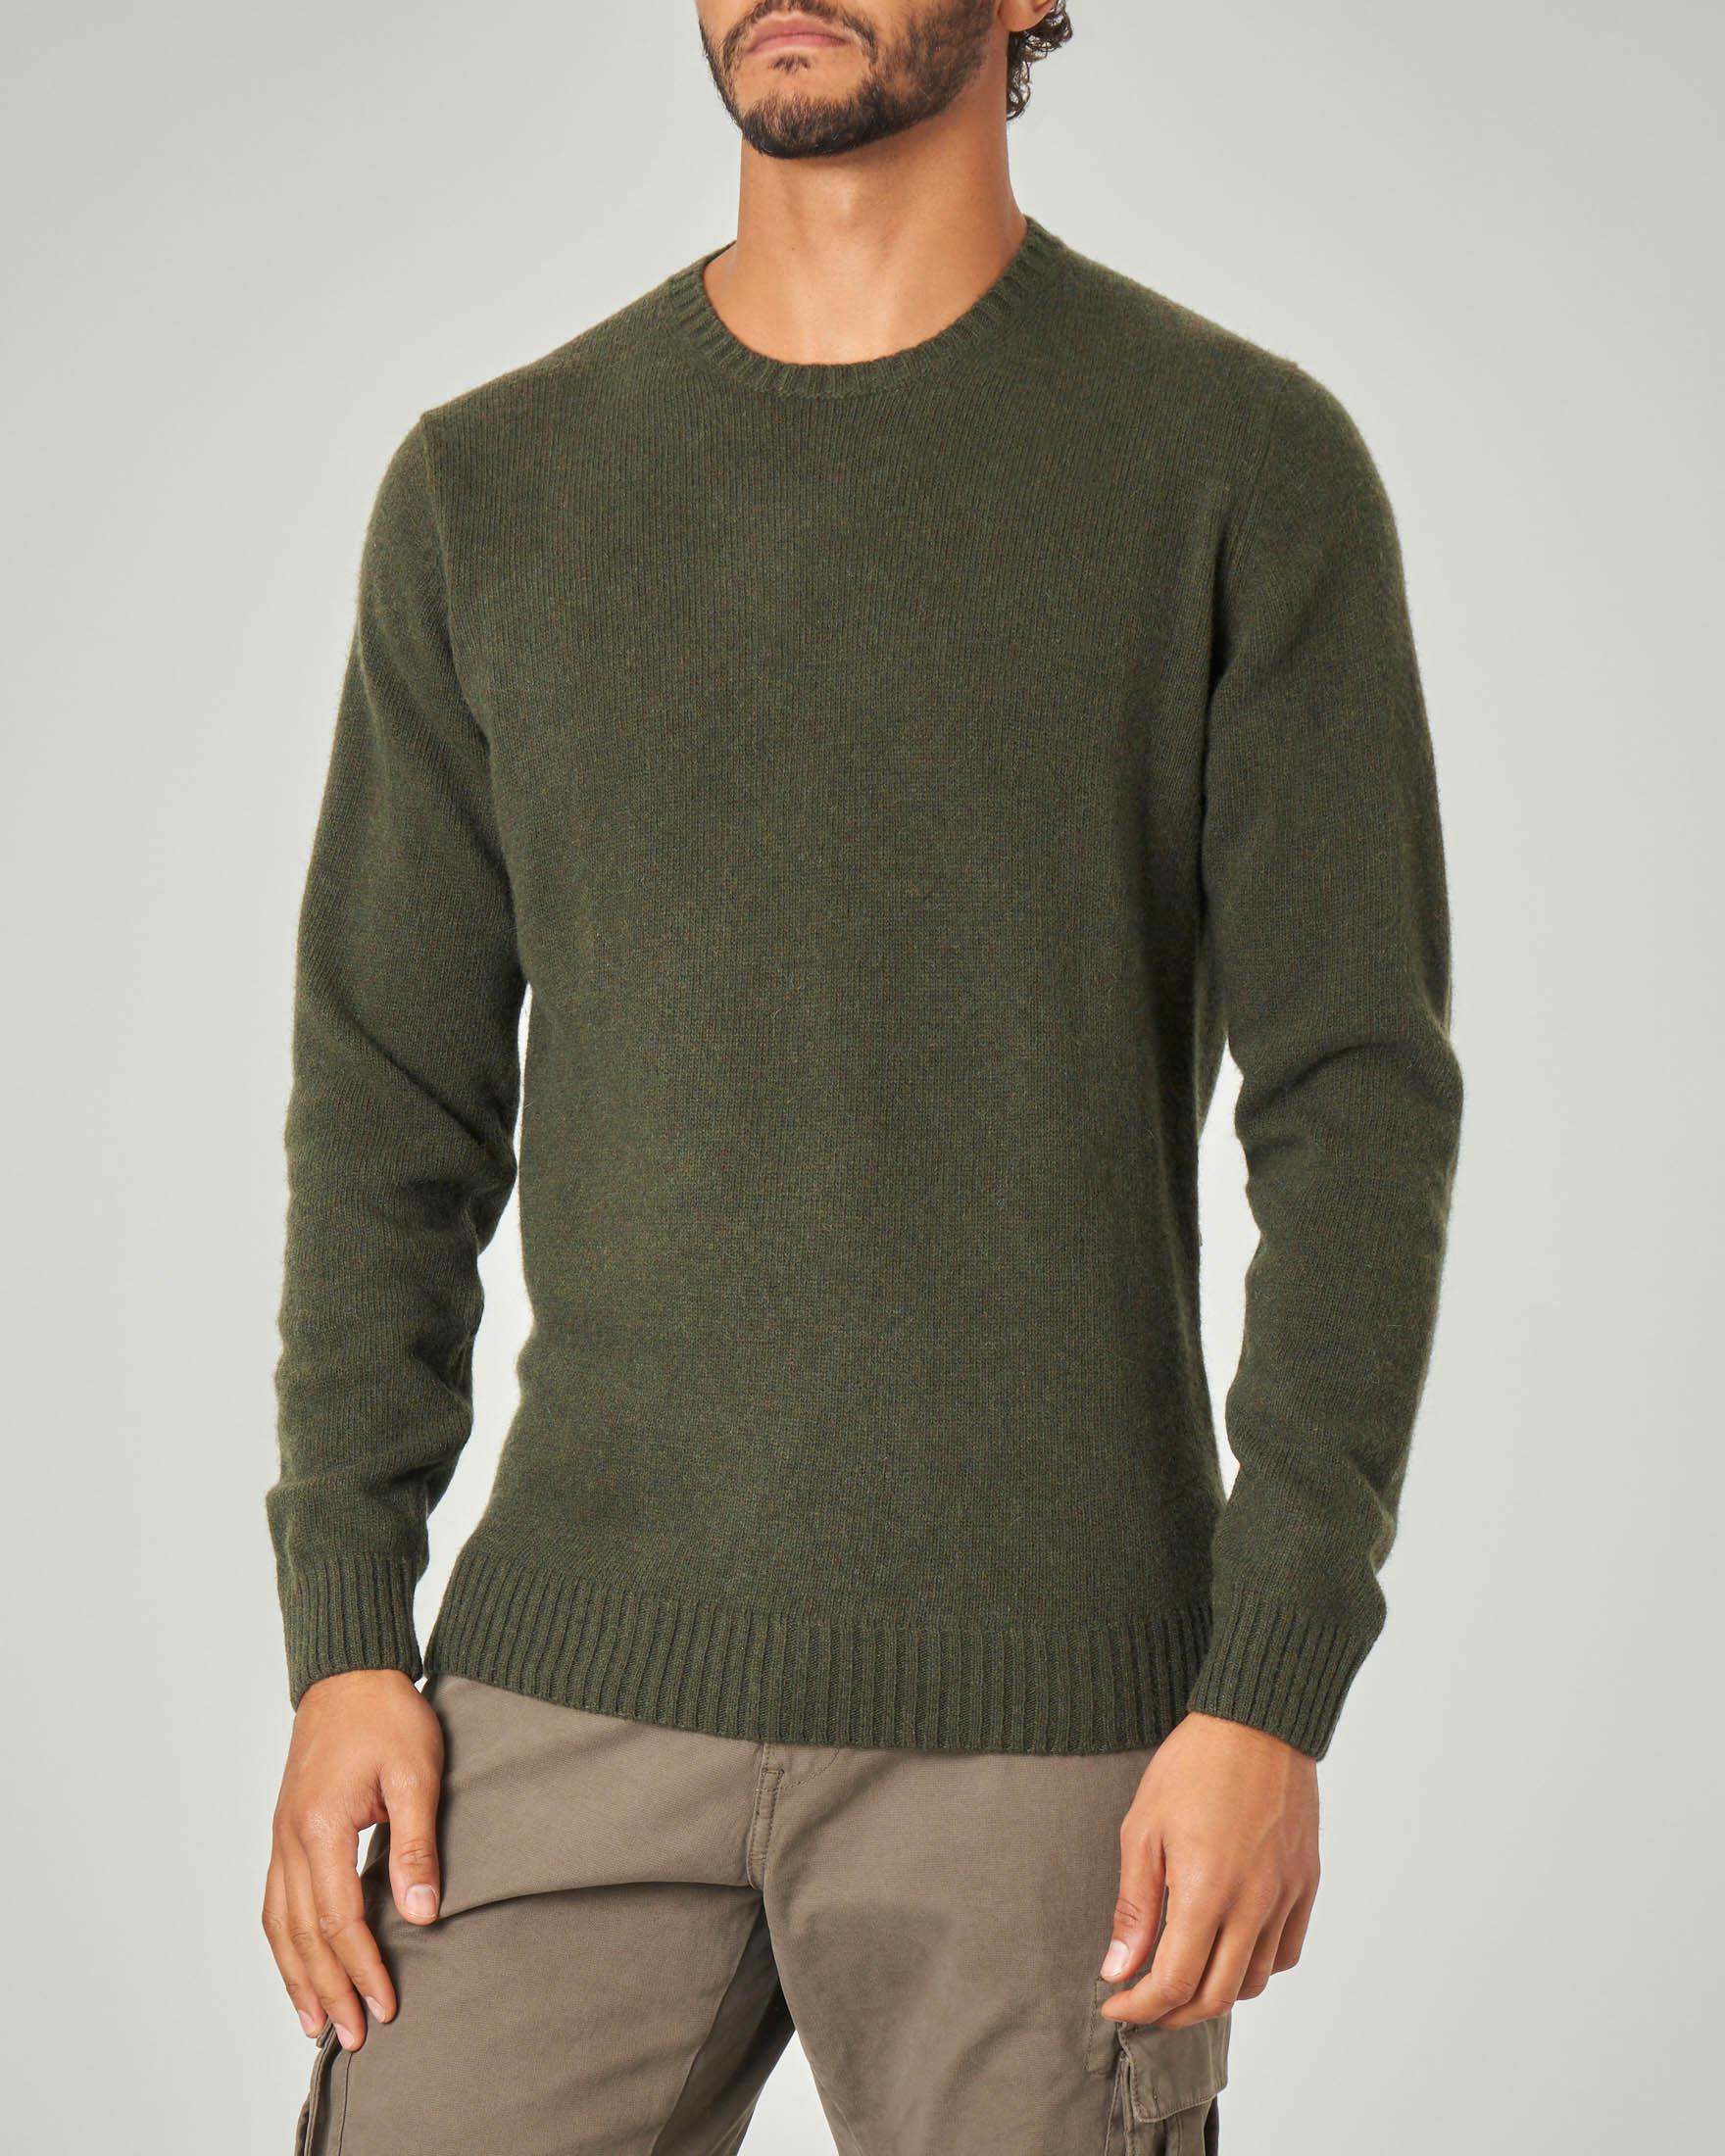 Maglia girocollo verde militare in lana sulla finezza 7